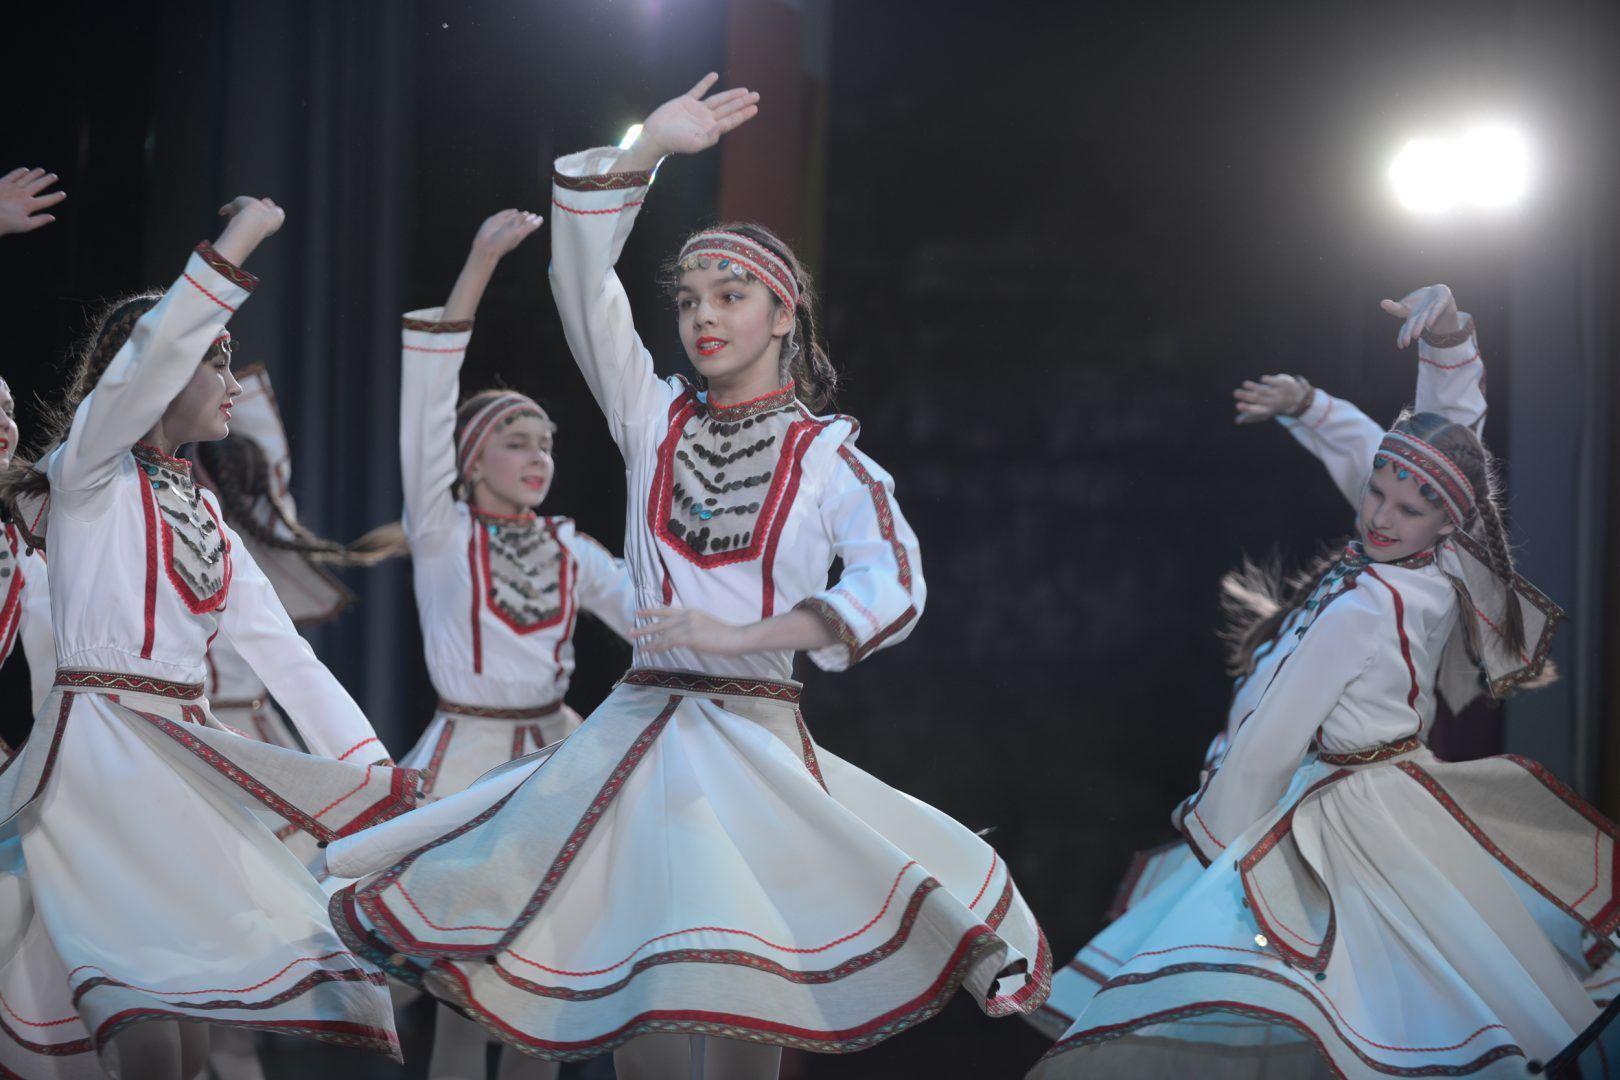 Артисты из Щербинки продемонстрируют свои таланты. Фото: архив, «Вечерняя Москва»